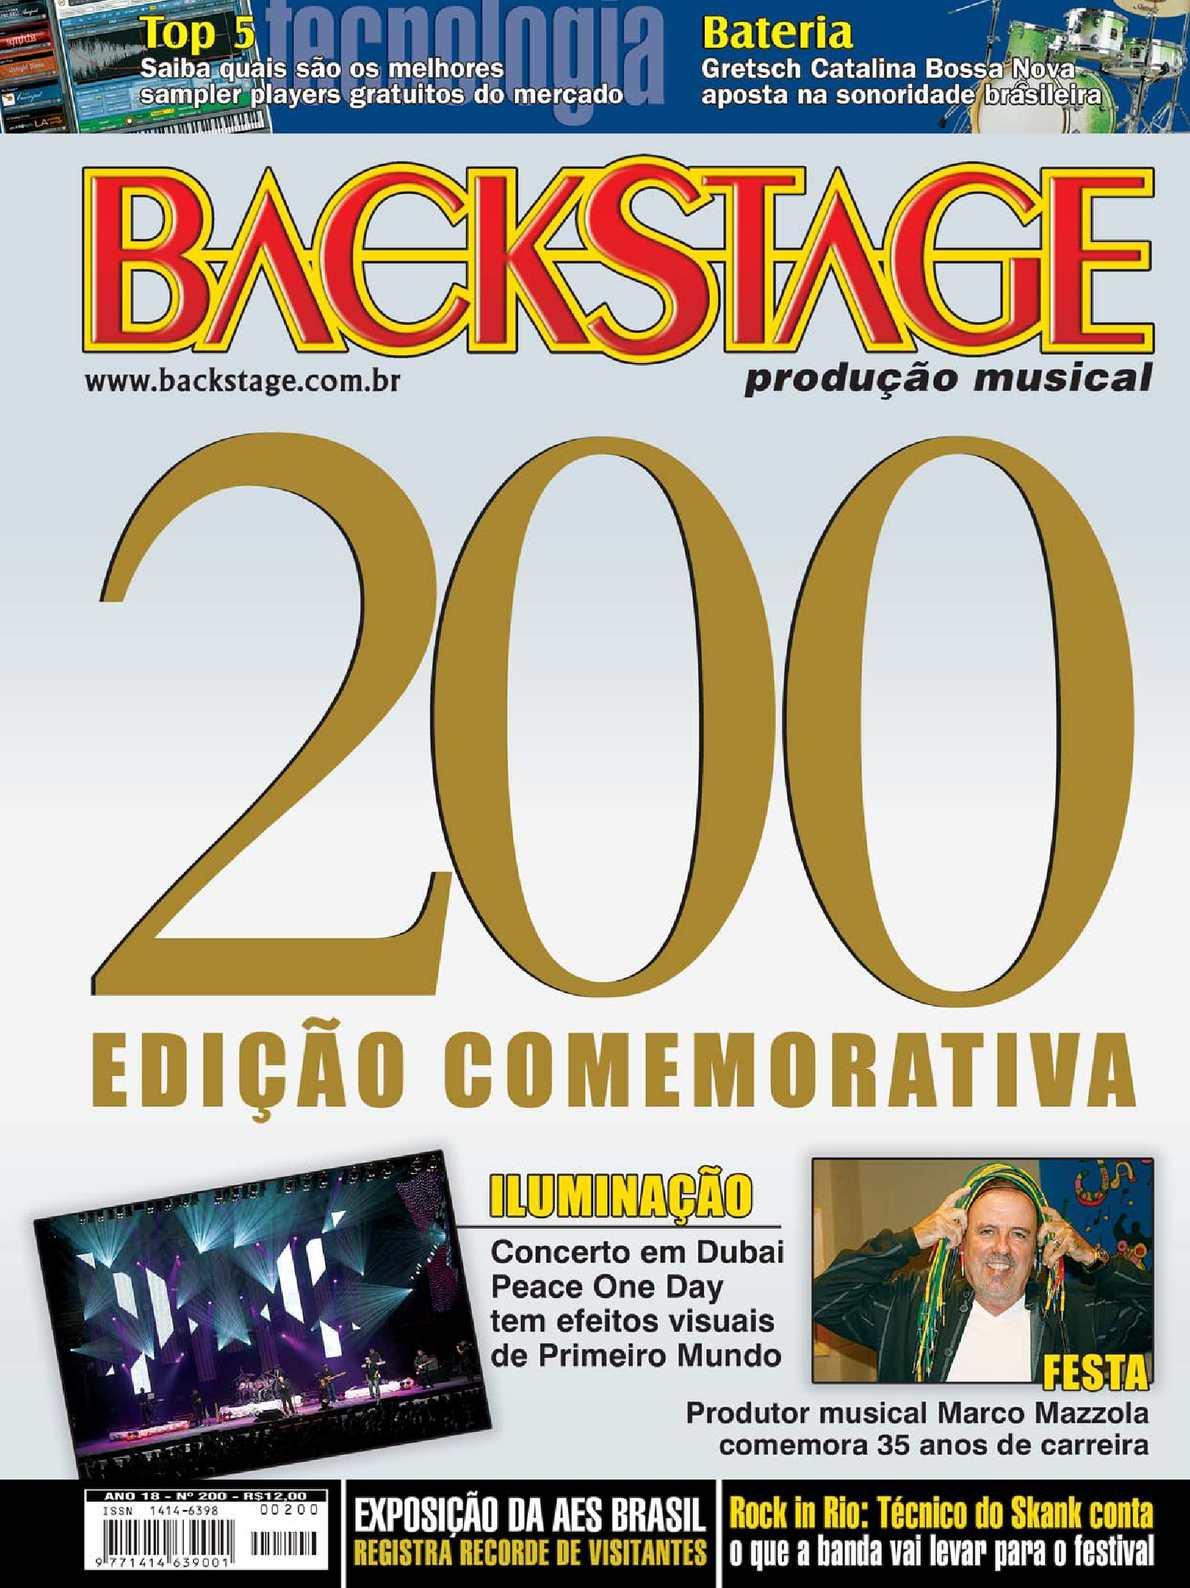 Calaméo - Backstage 200 caderno miolo baixa resolução 92cb75d048